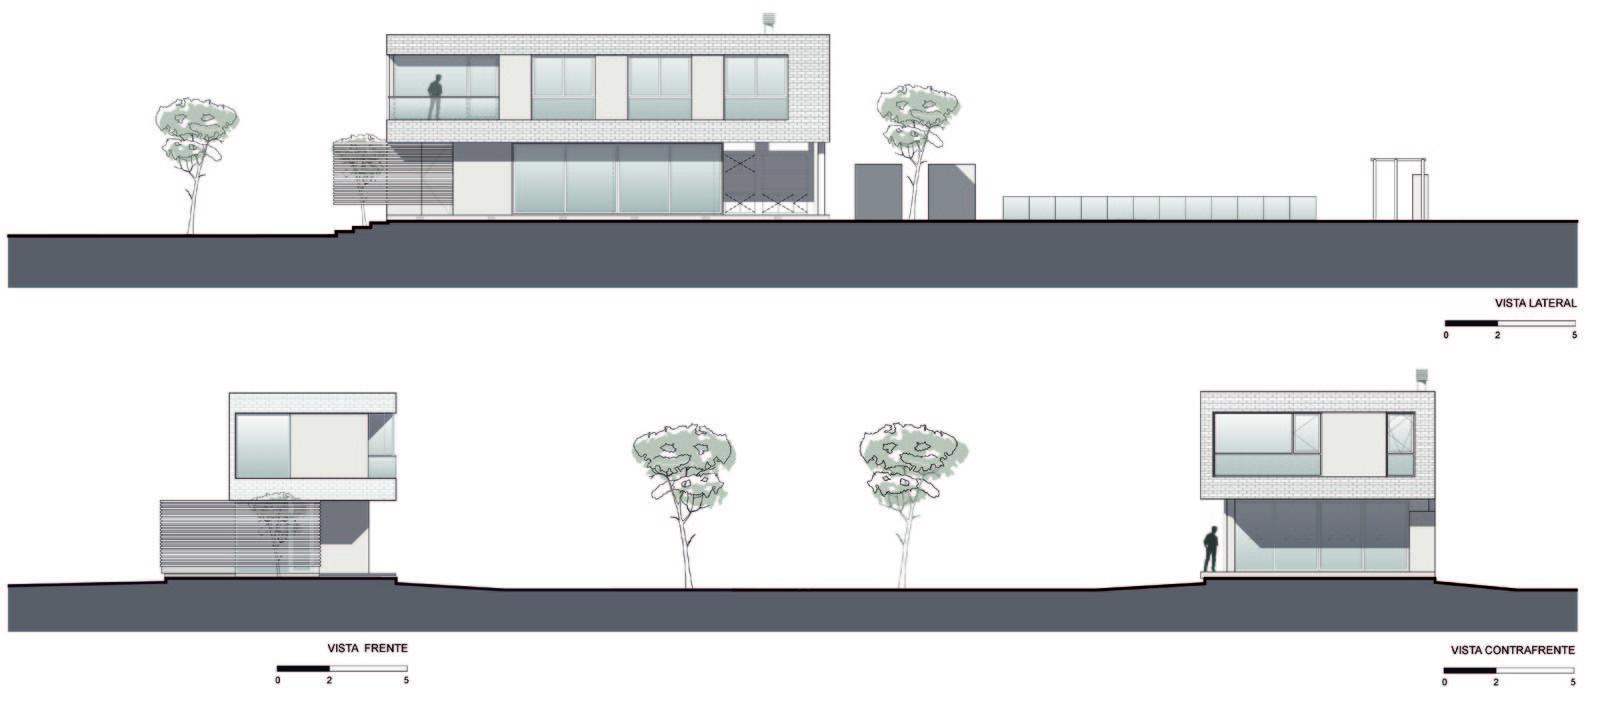 House in Pilar / Estudio Parysow - Schargrodsky Arquitectos + Estudio Tarnofsky - Wilhelm